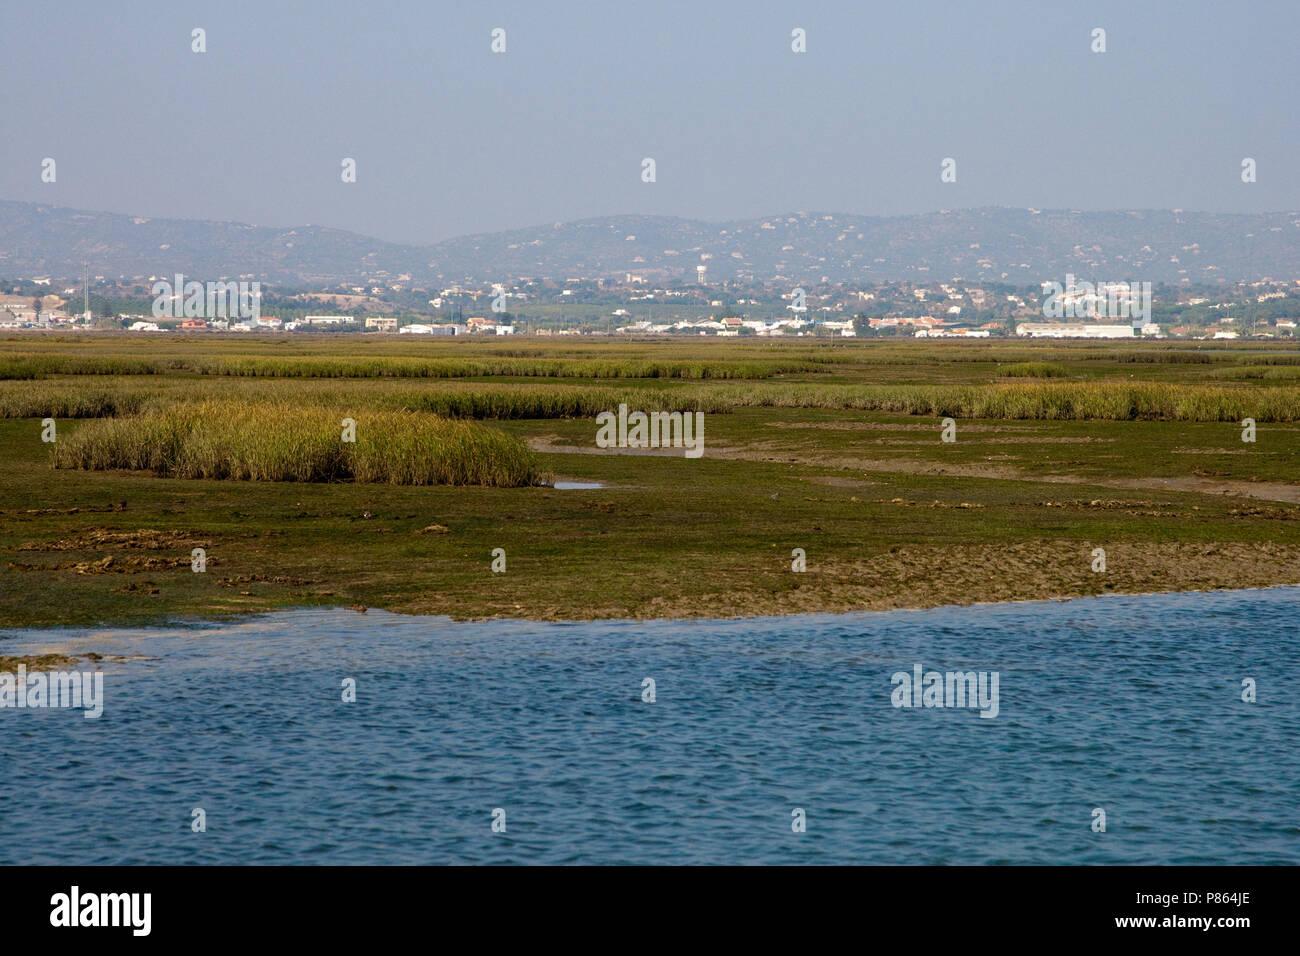 Ria Formosa lagoon is een rust- en foerageergebied voor trekvogels; Ria Formosa lagoon is a important stop over site for migrating birds - Stock Image